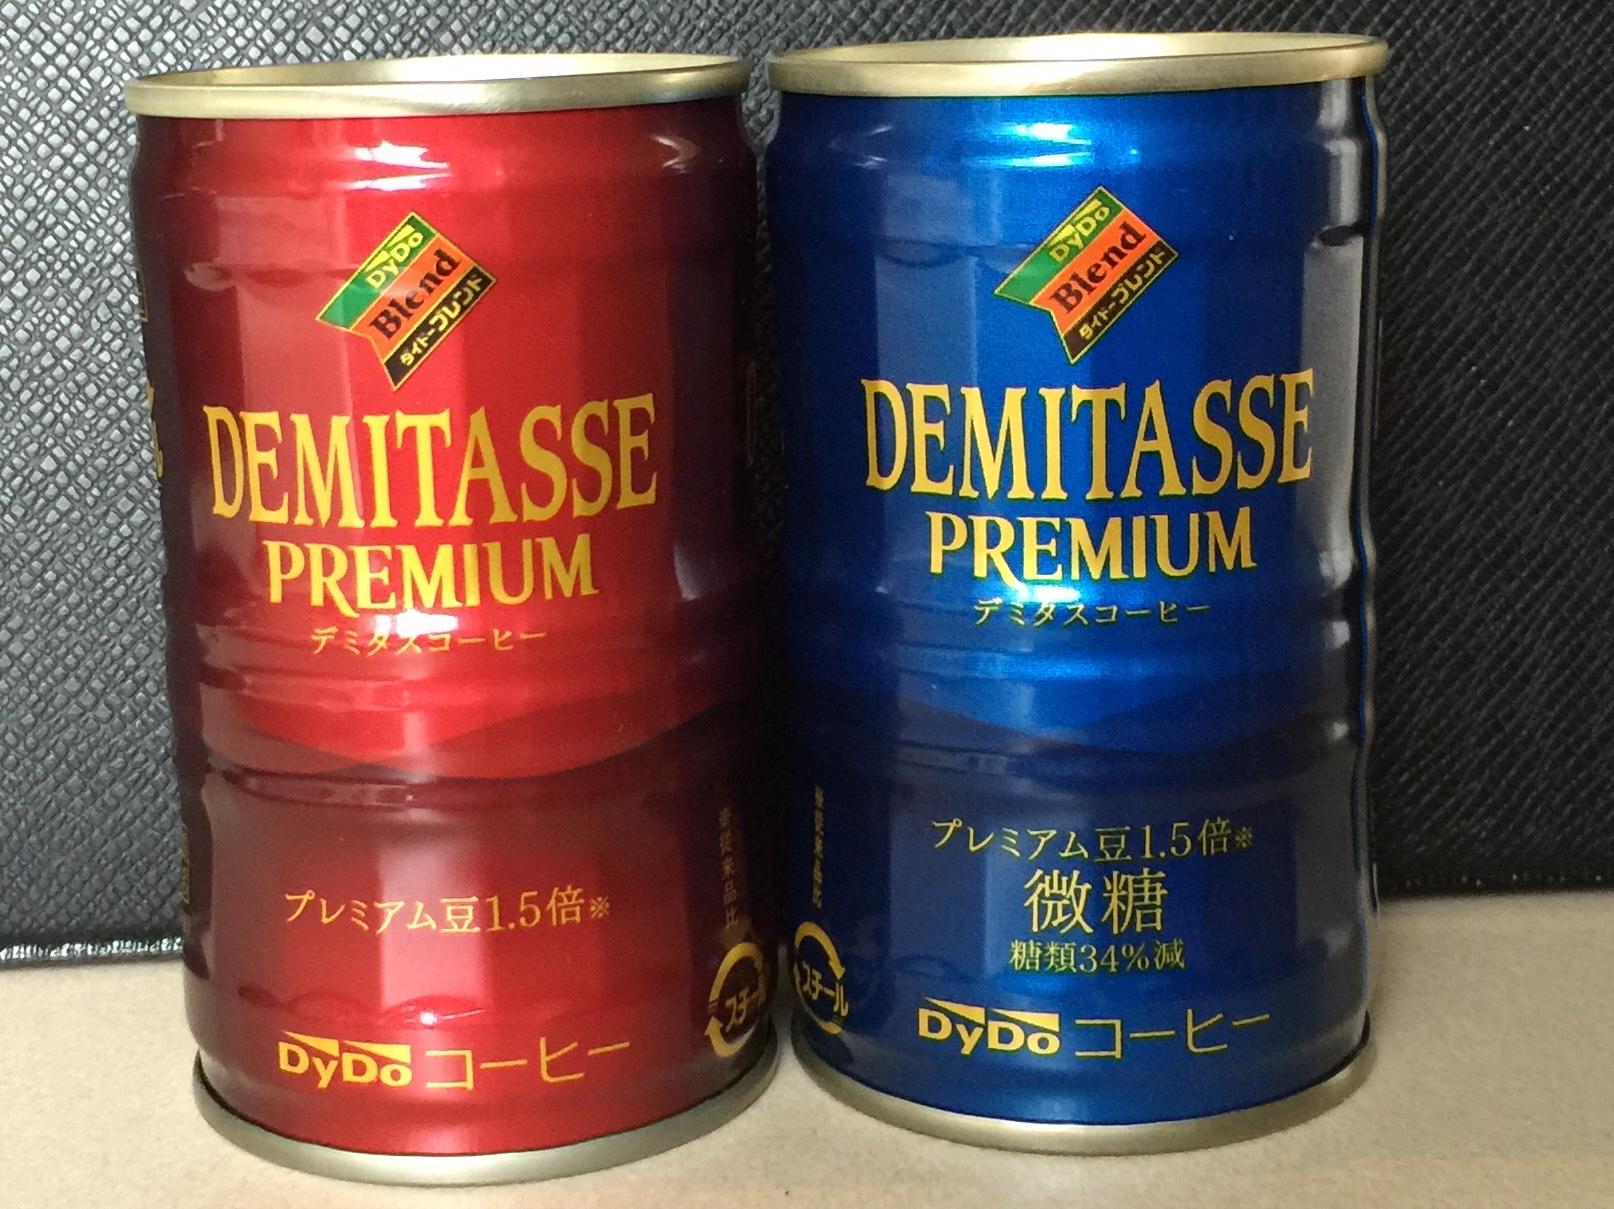 ダイドーブレンド デミタスプレミアムと微糖